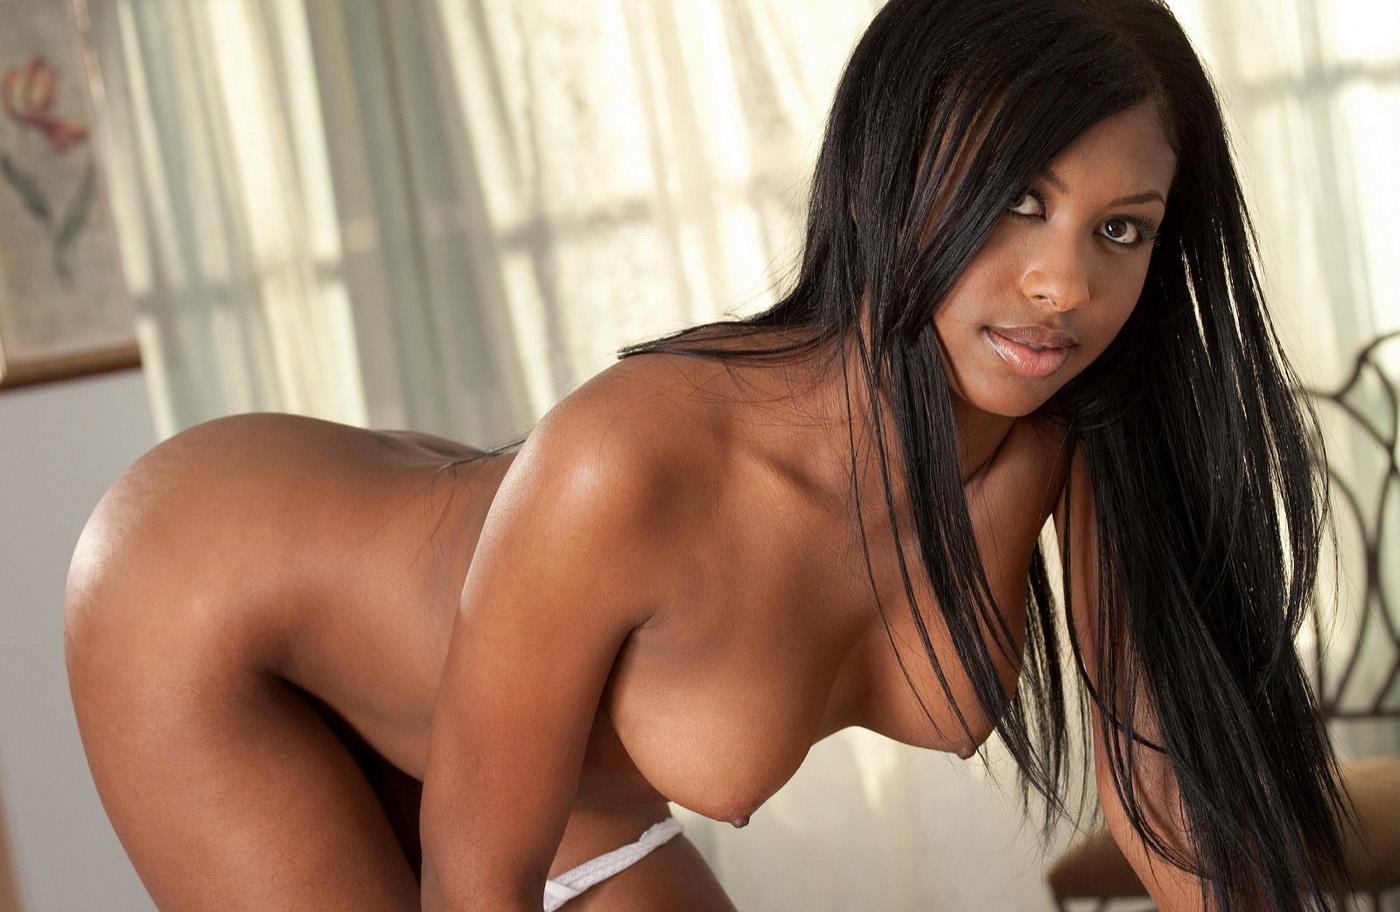 Фото еротика негритянки, Лучшие фото голых негритянок 11 фотография